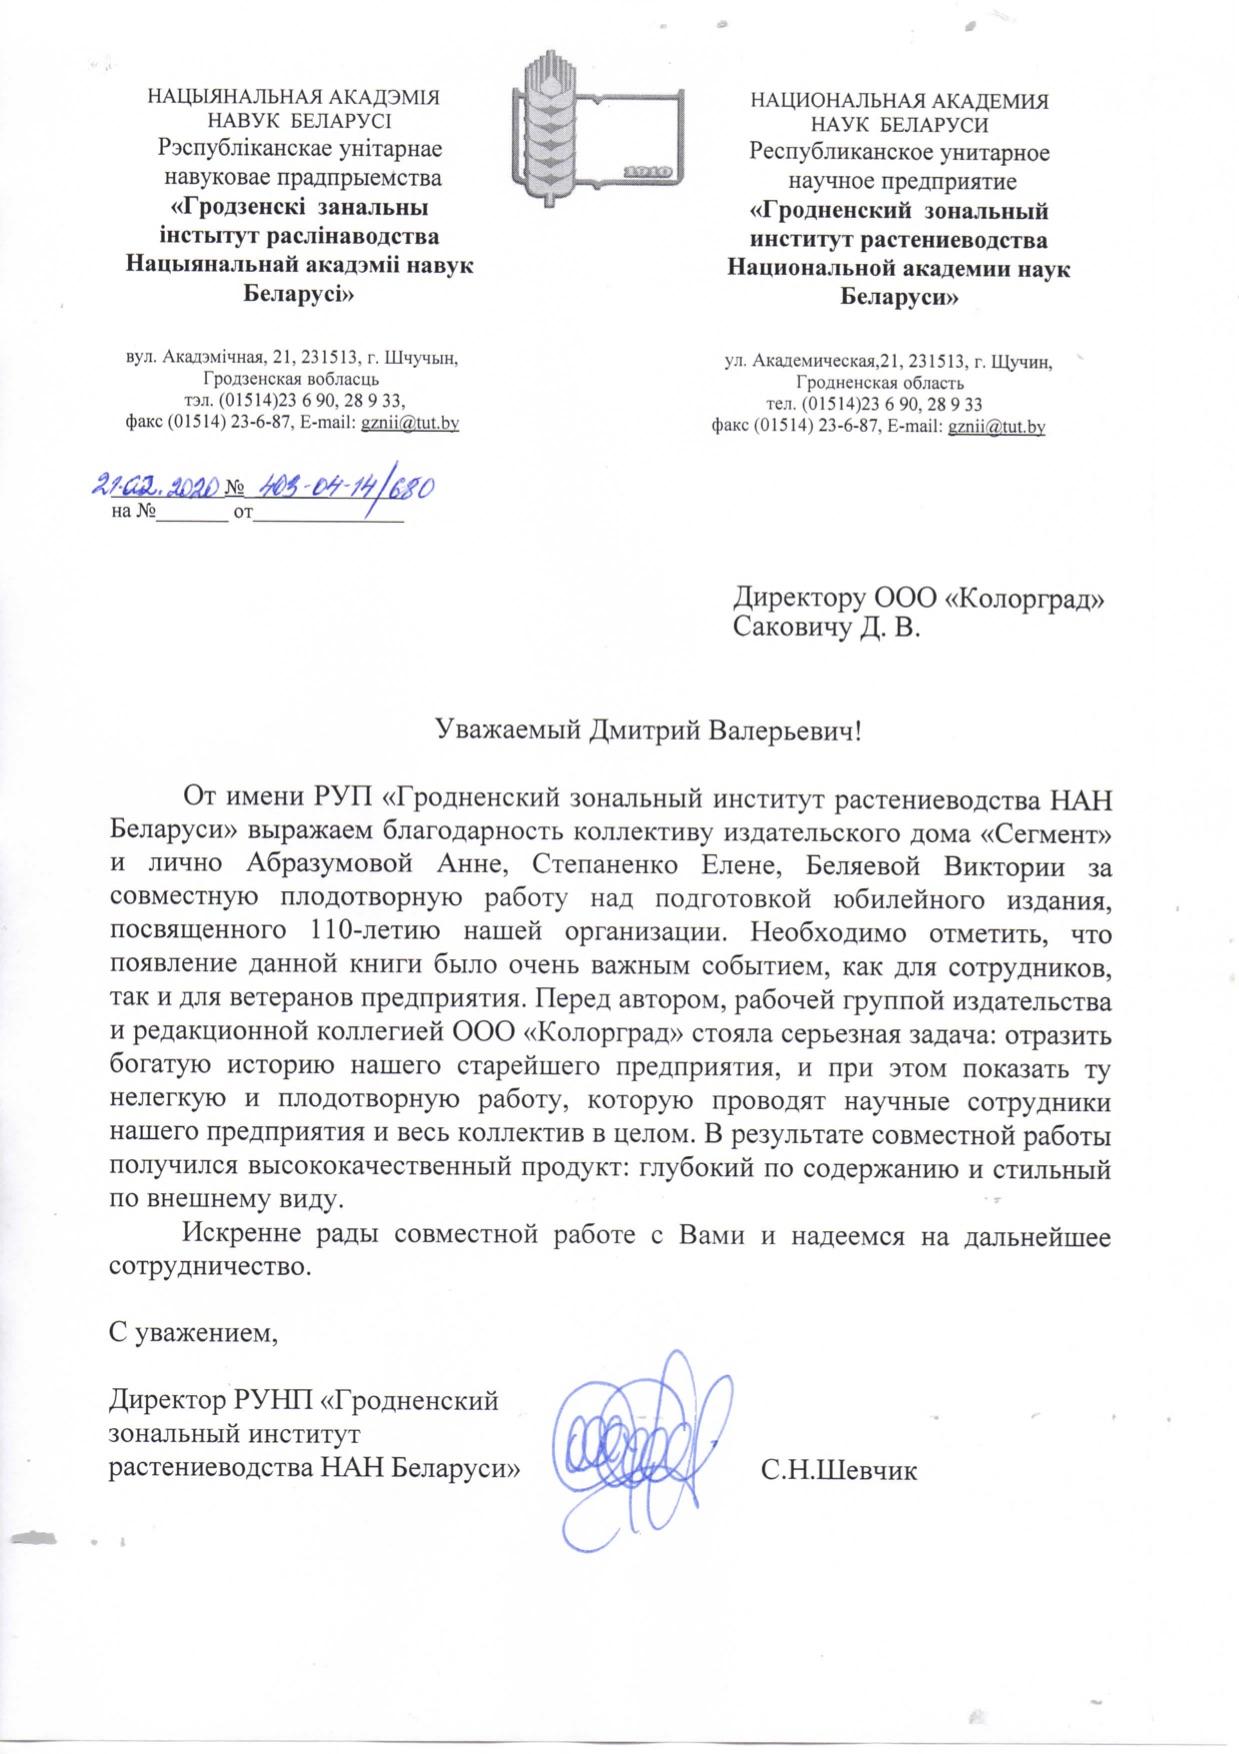 Благодарность от РУП «Гродненский зональный институт растениеводства НАН Беларуси»